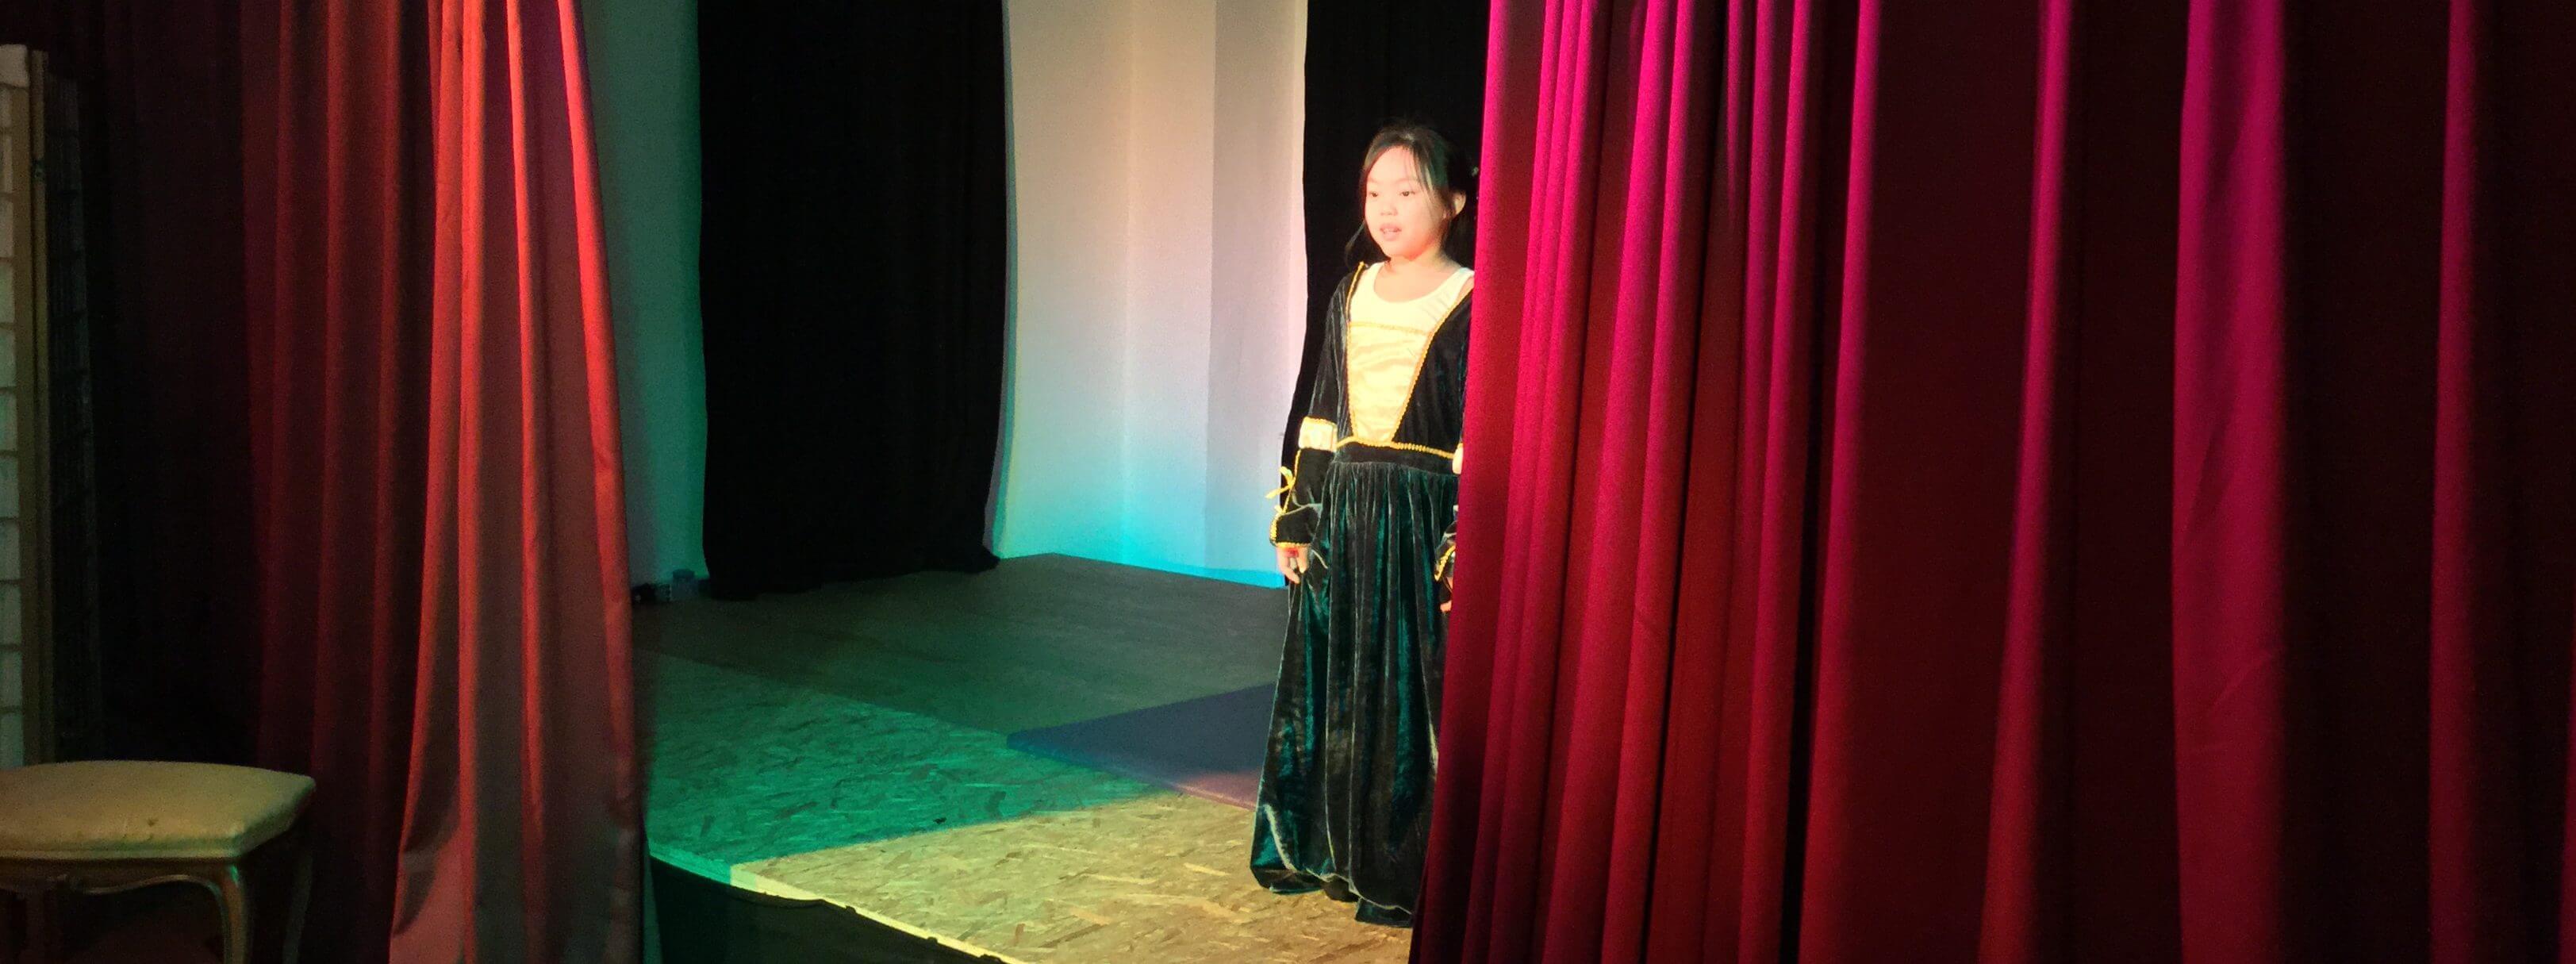 Vorstellung in der BellAcademia Schauspielschule Köln